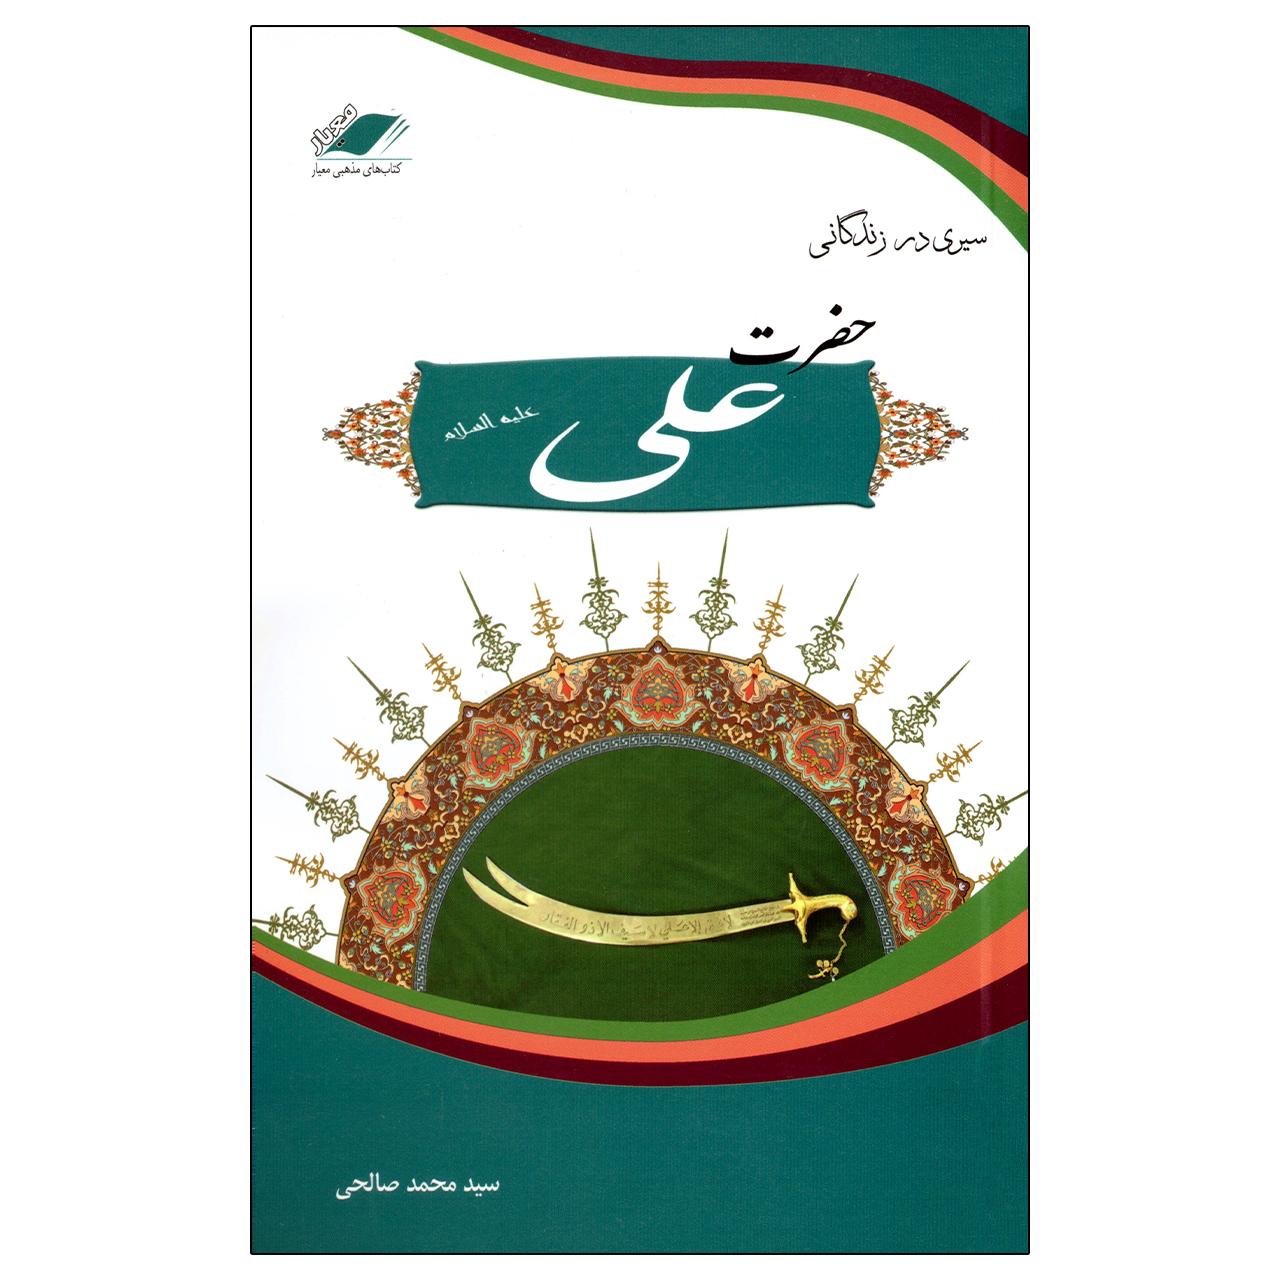 خرید                      کتاب سیری در زندگانی حضرت علی علیه السلام اثر سید محمد صالحی انتشارات معیار علم